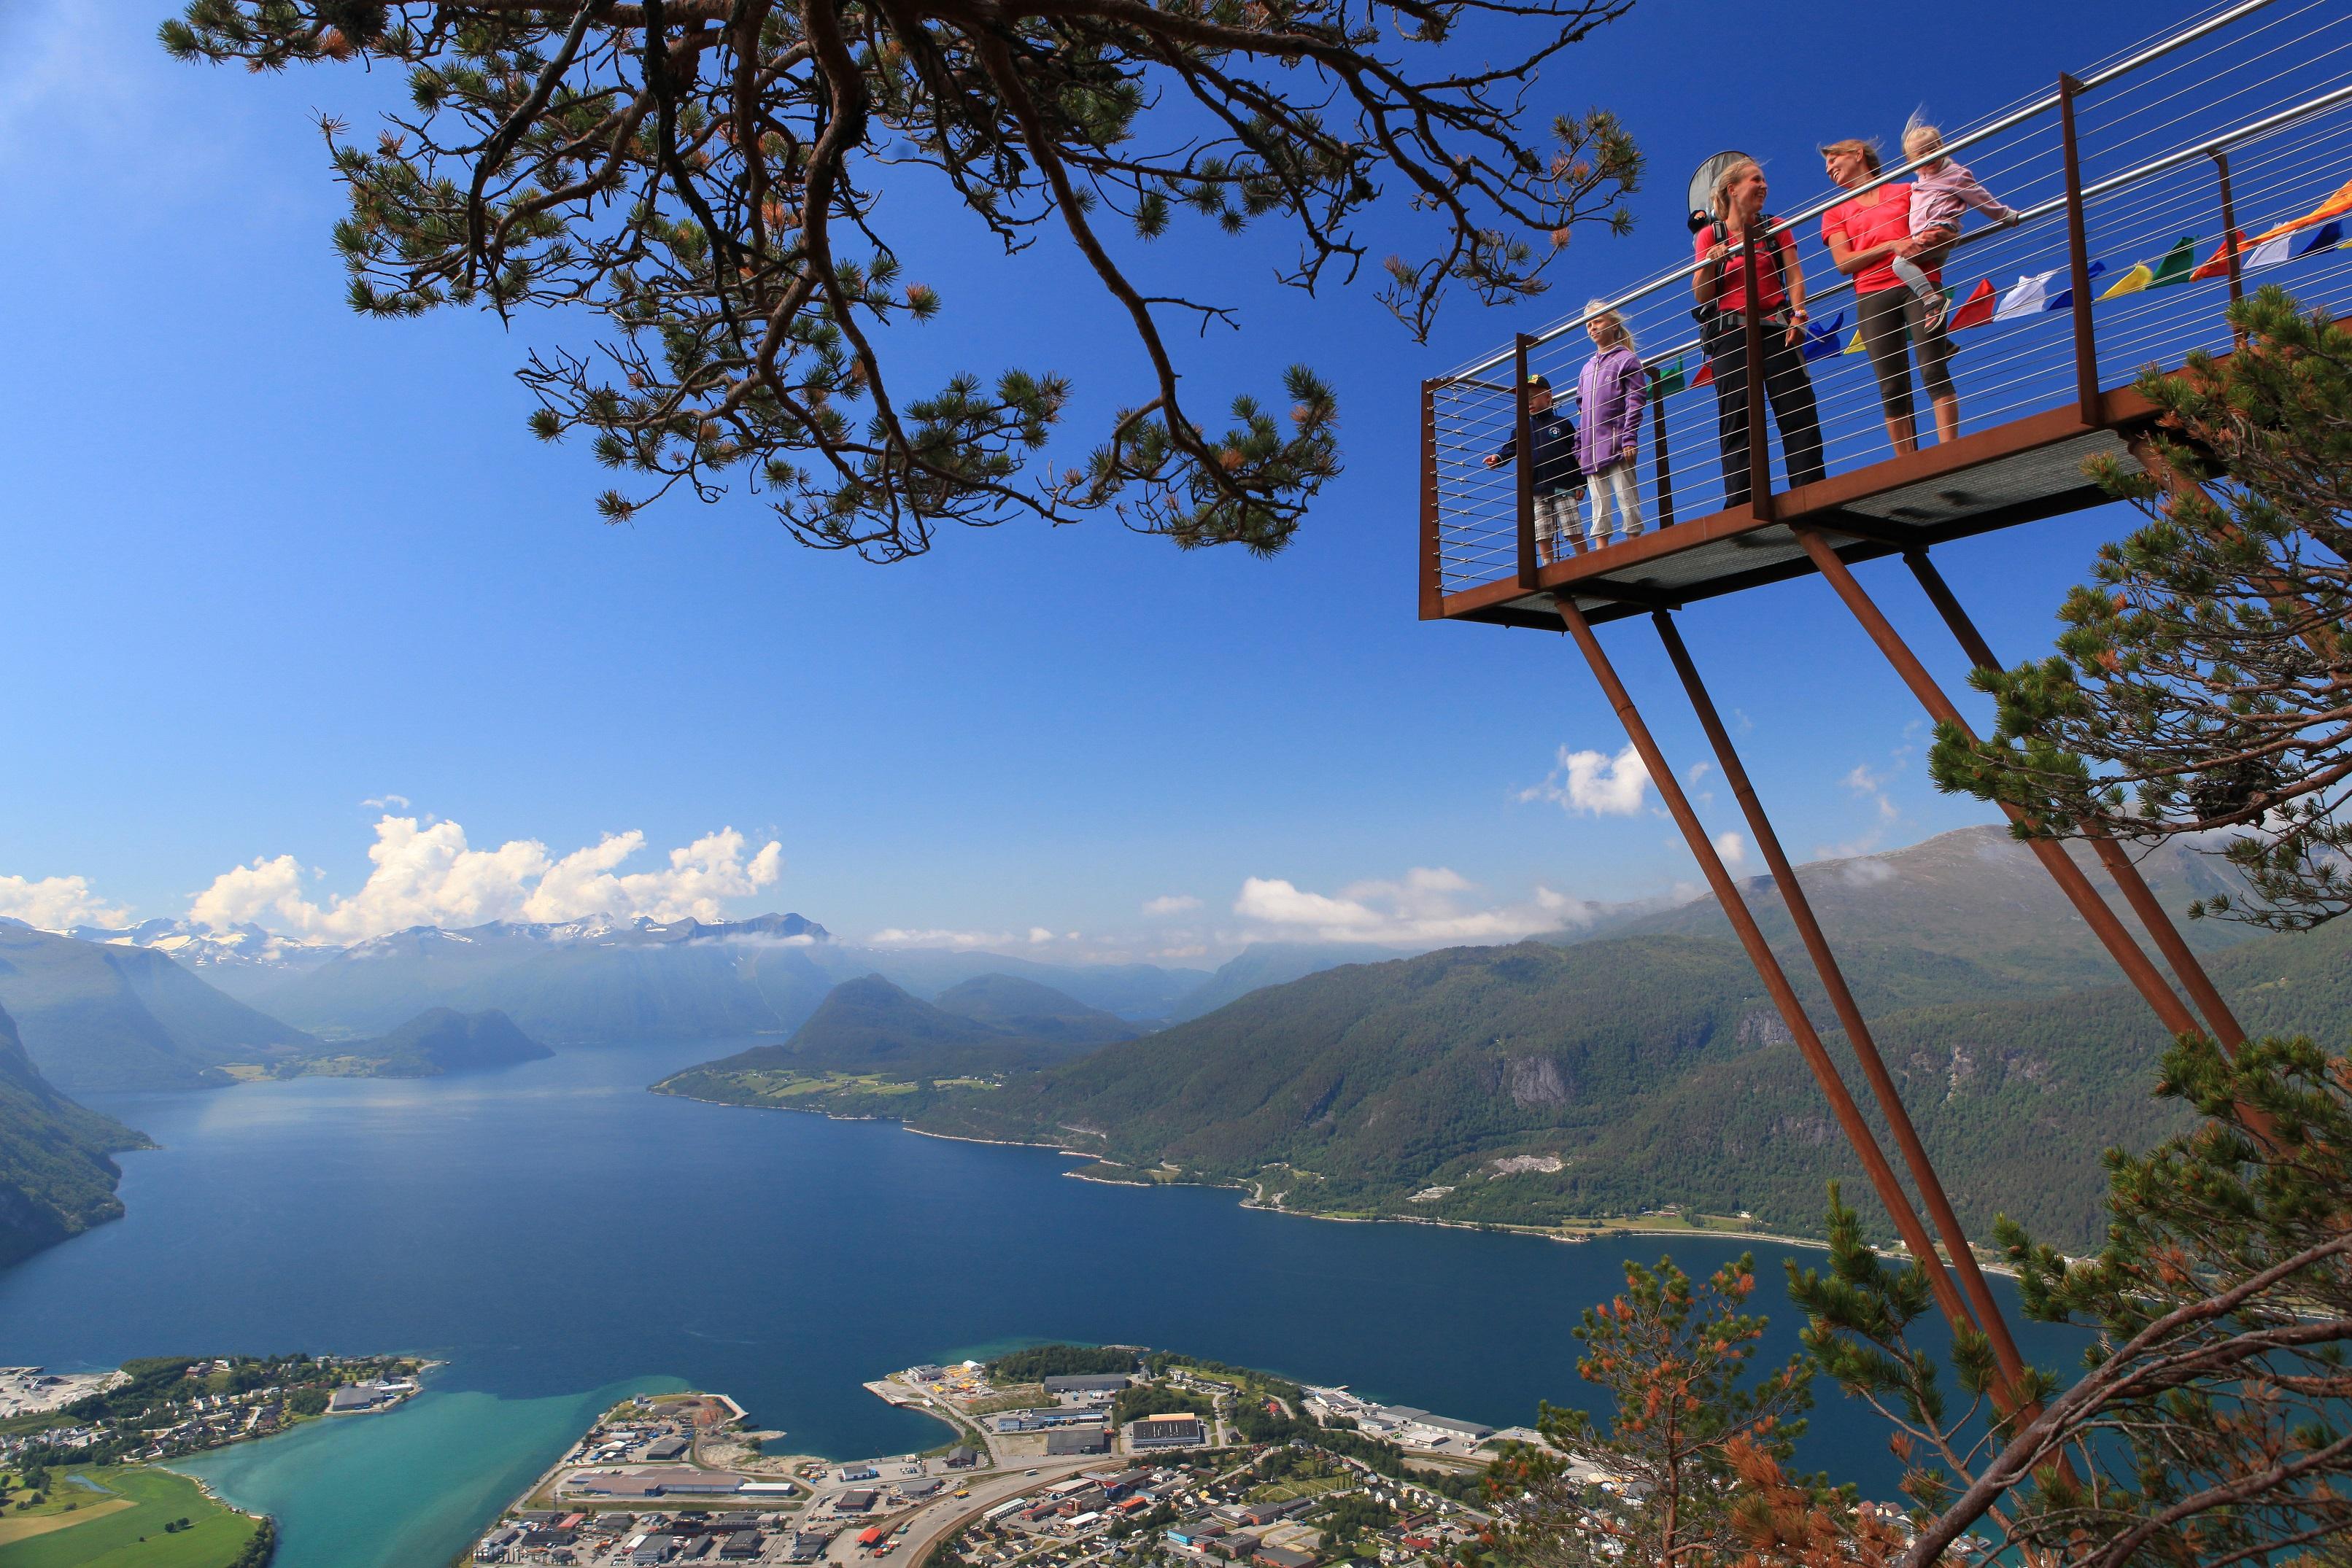 Utsiktsplattform Romsdalen utsikt Åndalsnes